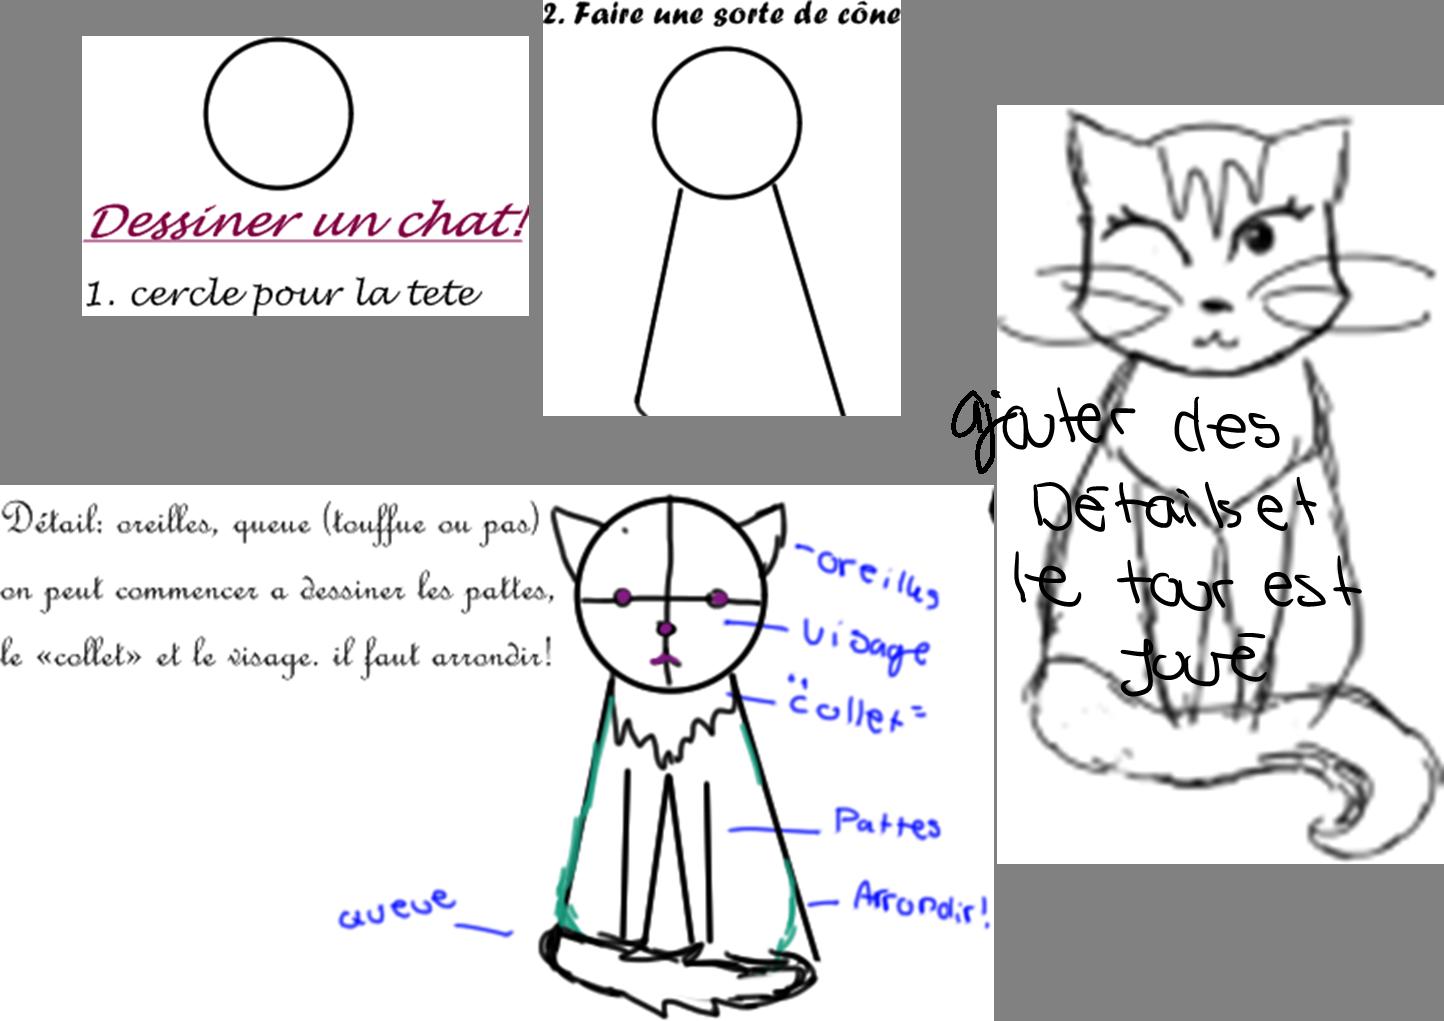 tuto comment dessiner un chat en 4 etapes sans les details chat anonyme. Black Bedroom Furniture Sets. Home Design Ideas